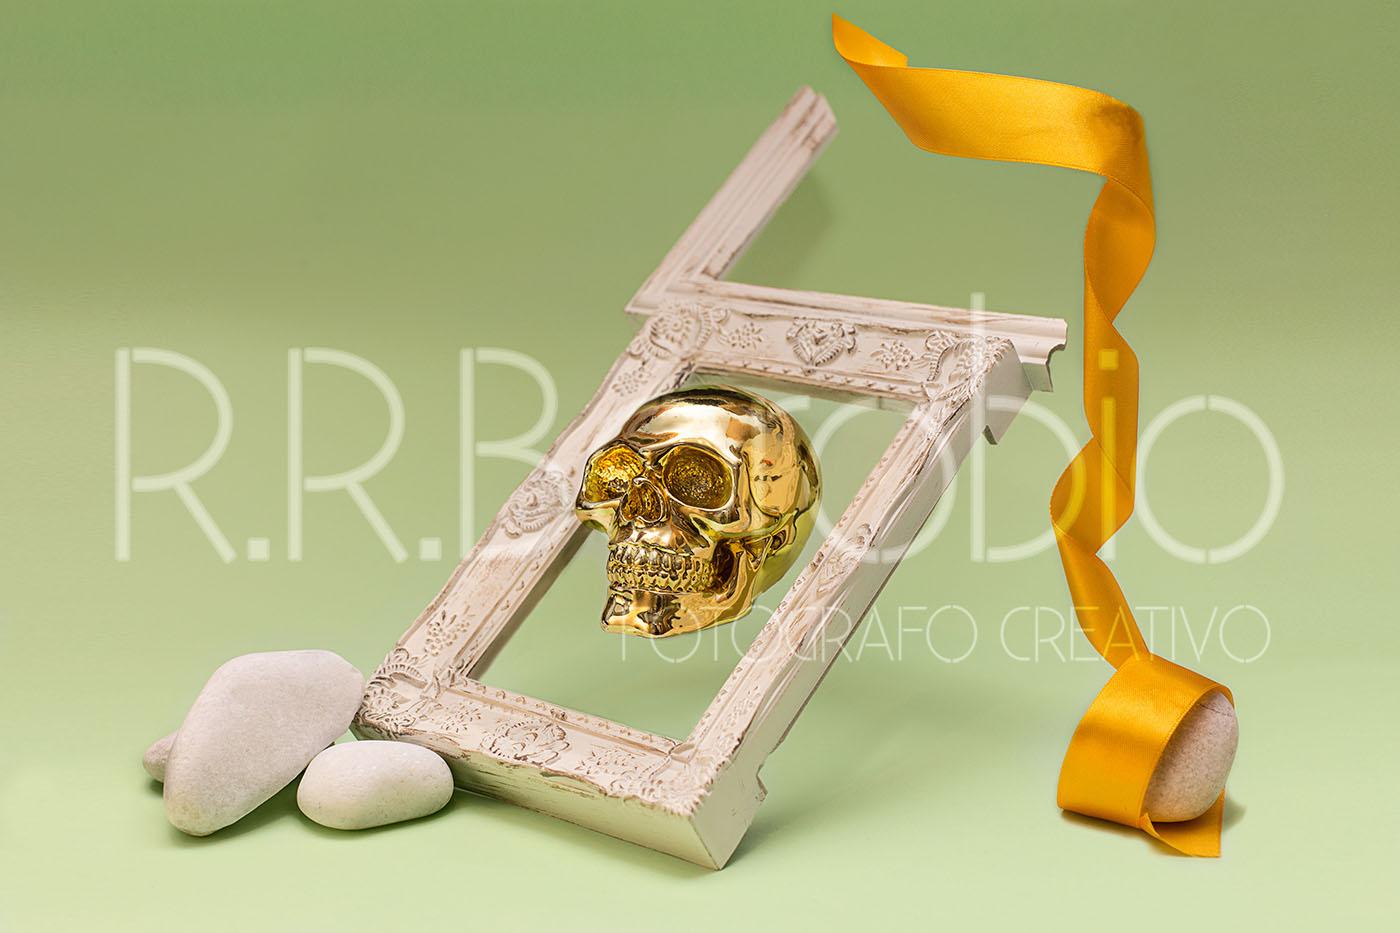 fotografia producto madrid calavera - Fotografía de producto con calavera